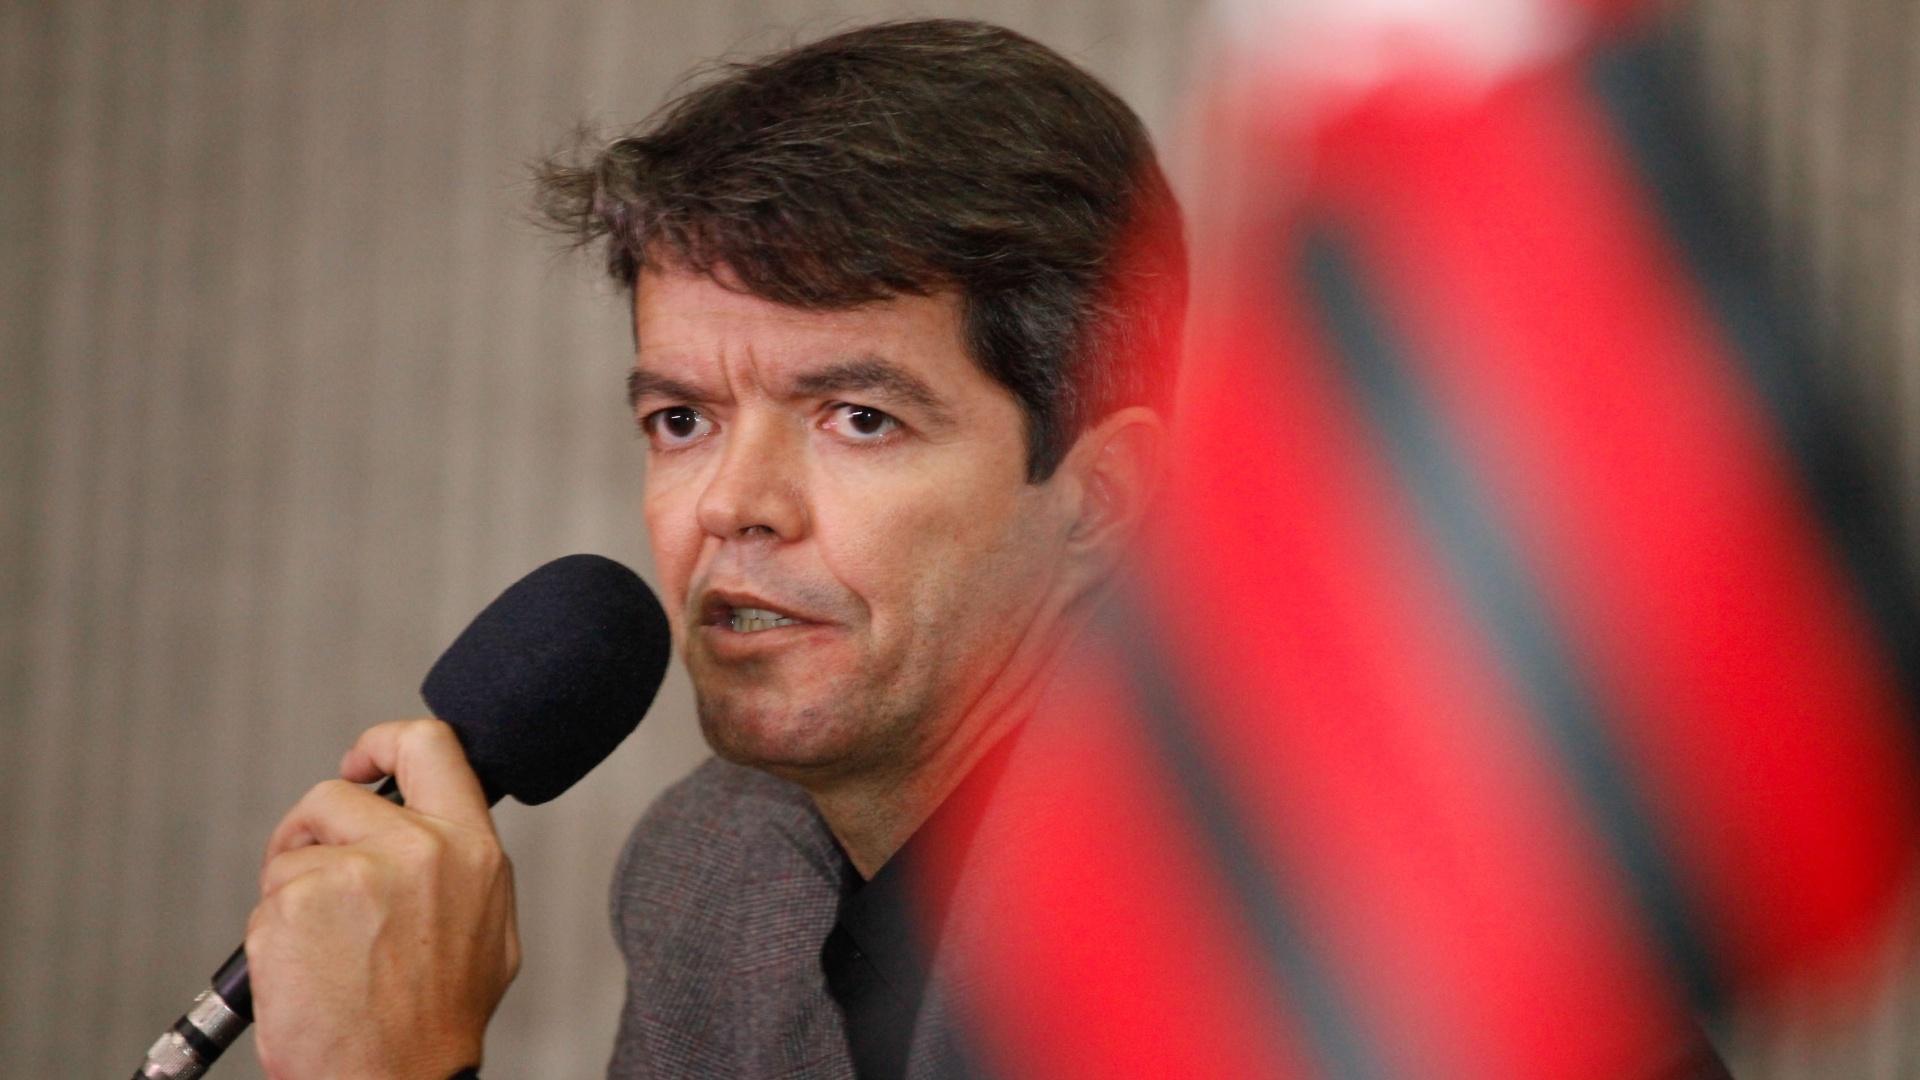 http://imguol.com/c/esporte/2014/05/30/30mai2014---diretor-executivo-de-futebol-do-flamengo-felipe-ximenes-concede-entrevista-coletiva-na-sede-da-gavea-1401482301691_1920x1080.jpg